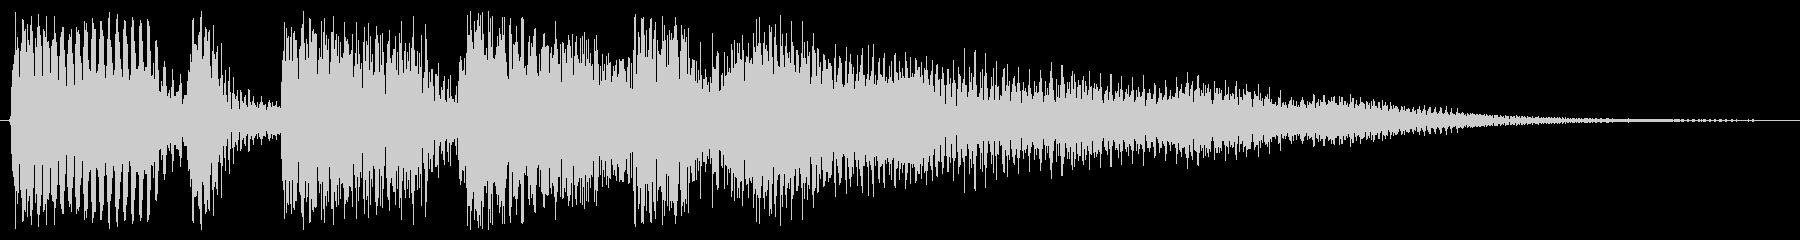 アコギの穏やかな音ですの未再生の波形